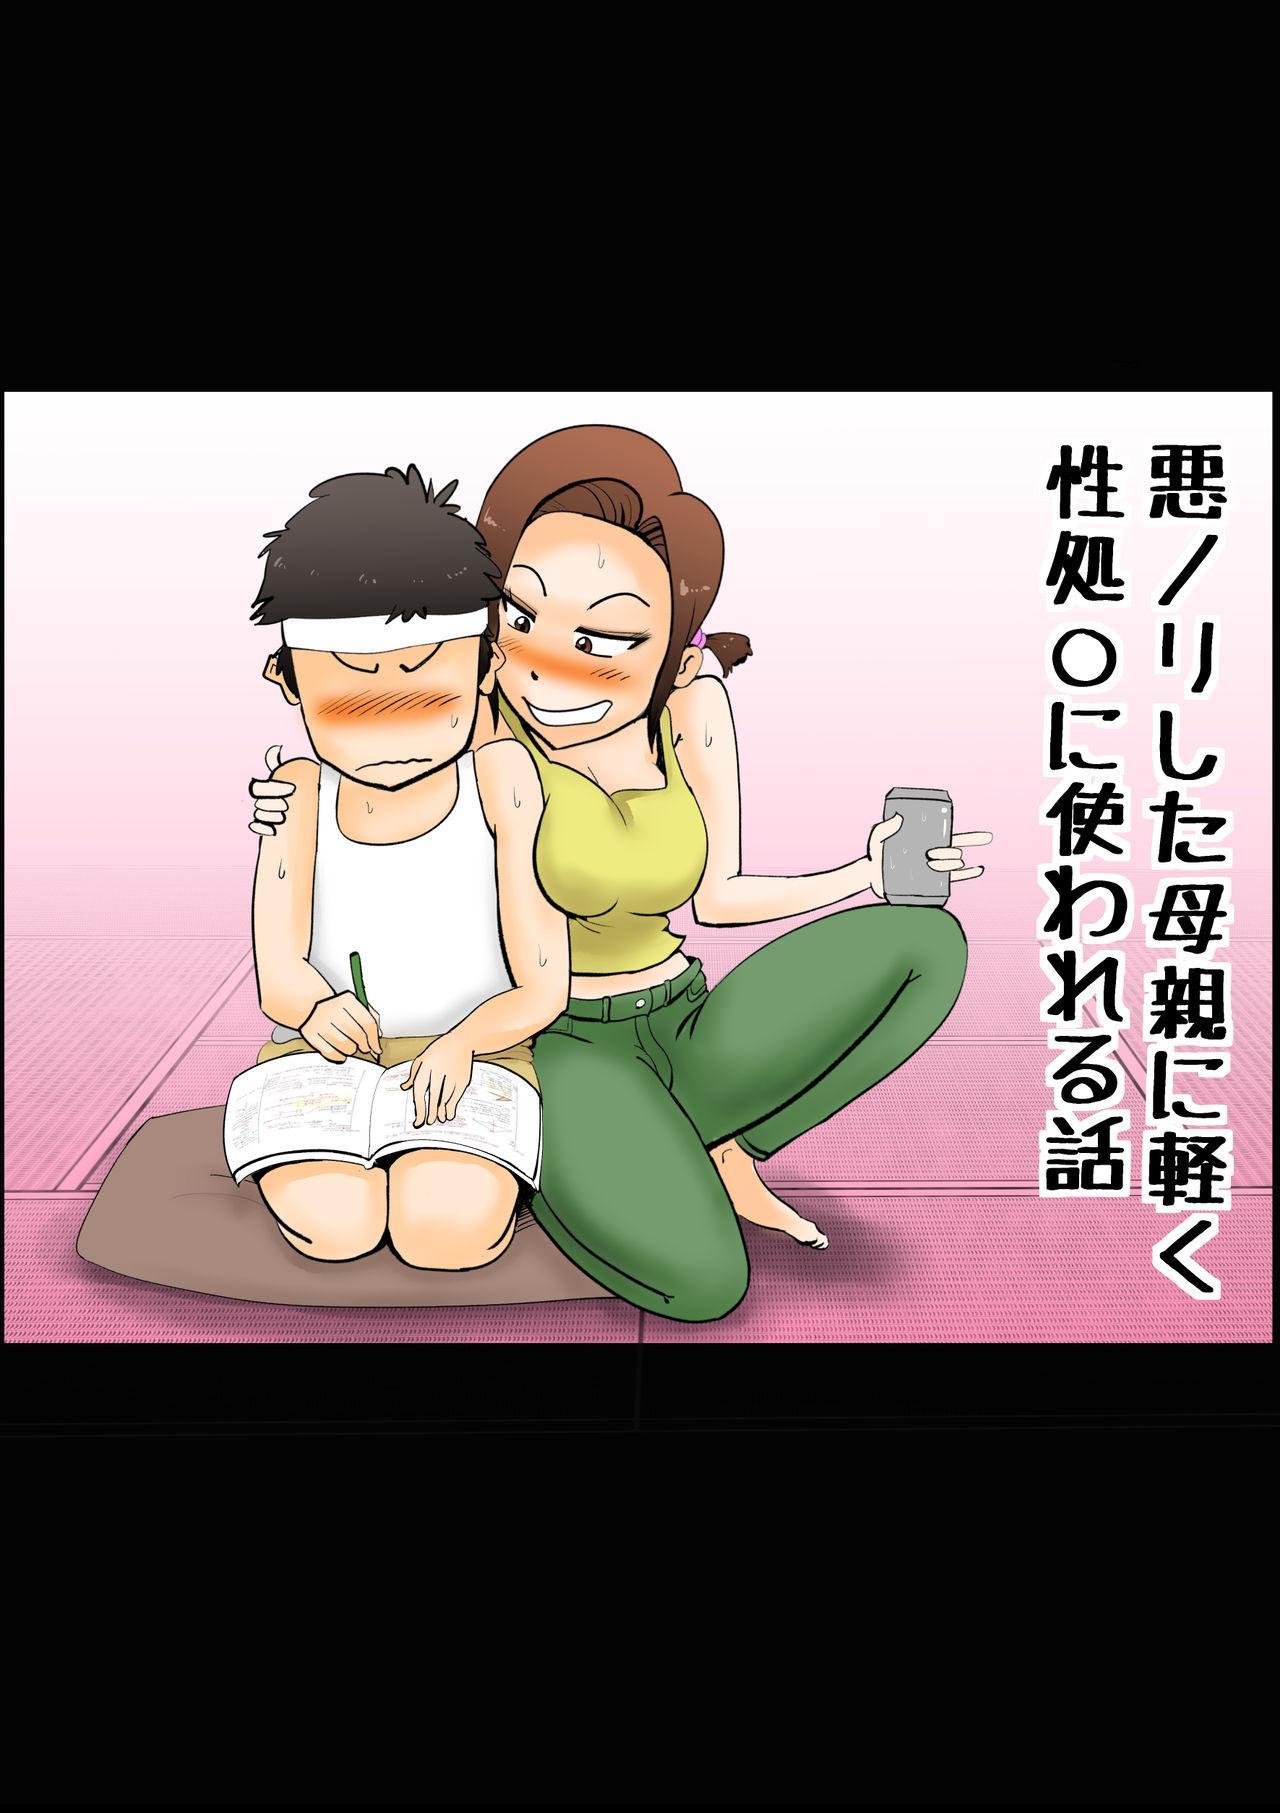 Warunori Shita Hahaoya ni Karuku Seishori ni Tsukawareru Hanashi 0